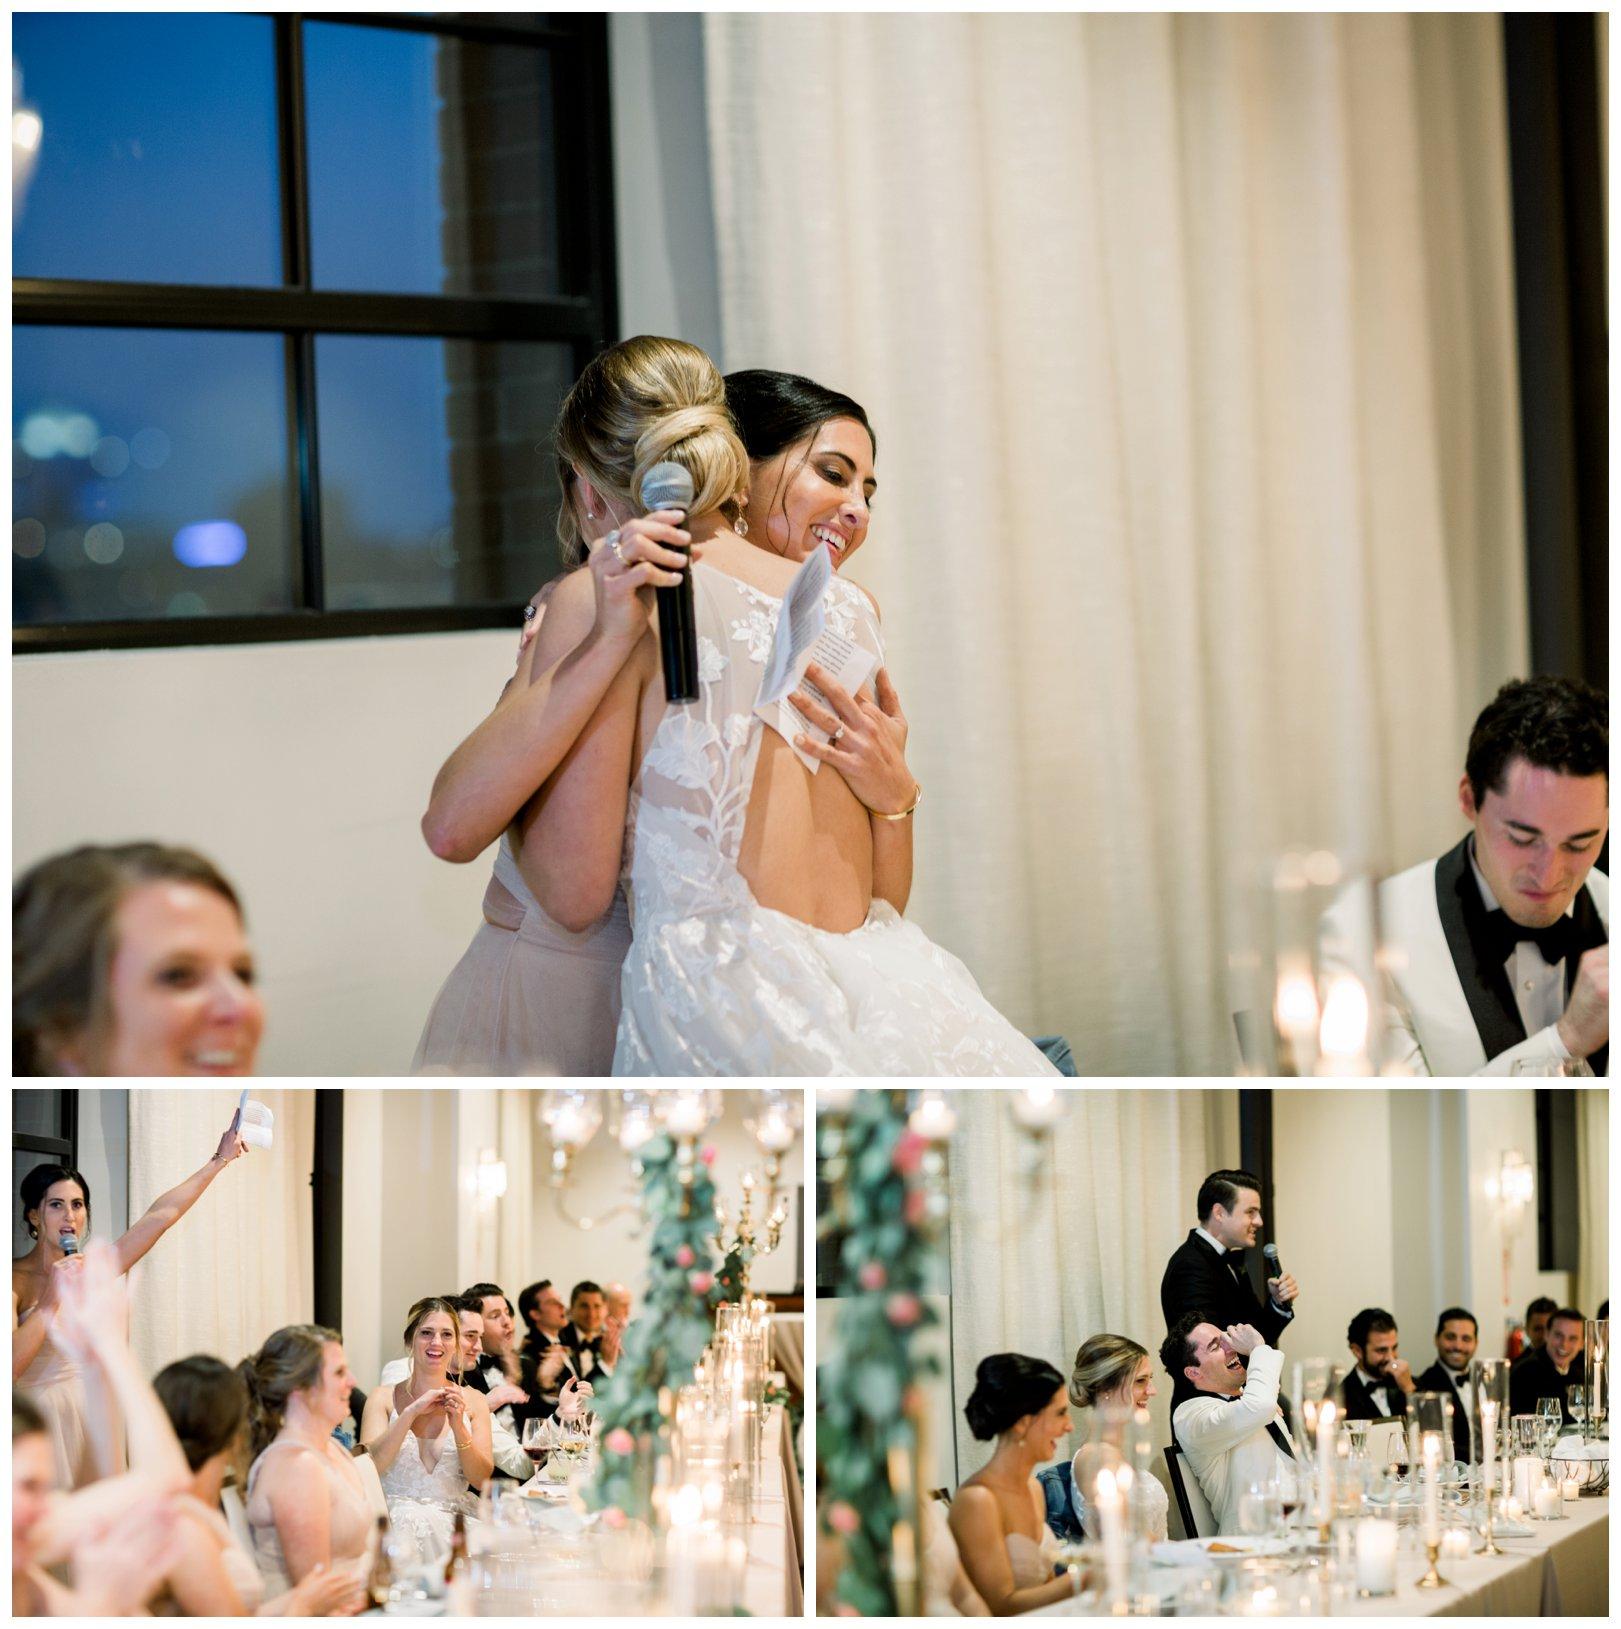 lauren muckler photography_fine art film wedding photography_st louis_photography_3211.jpg